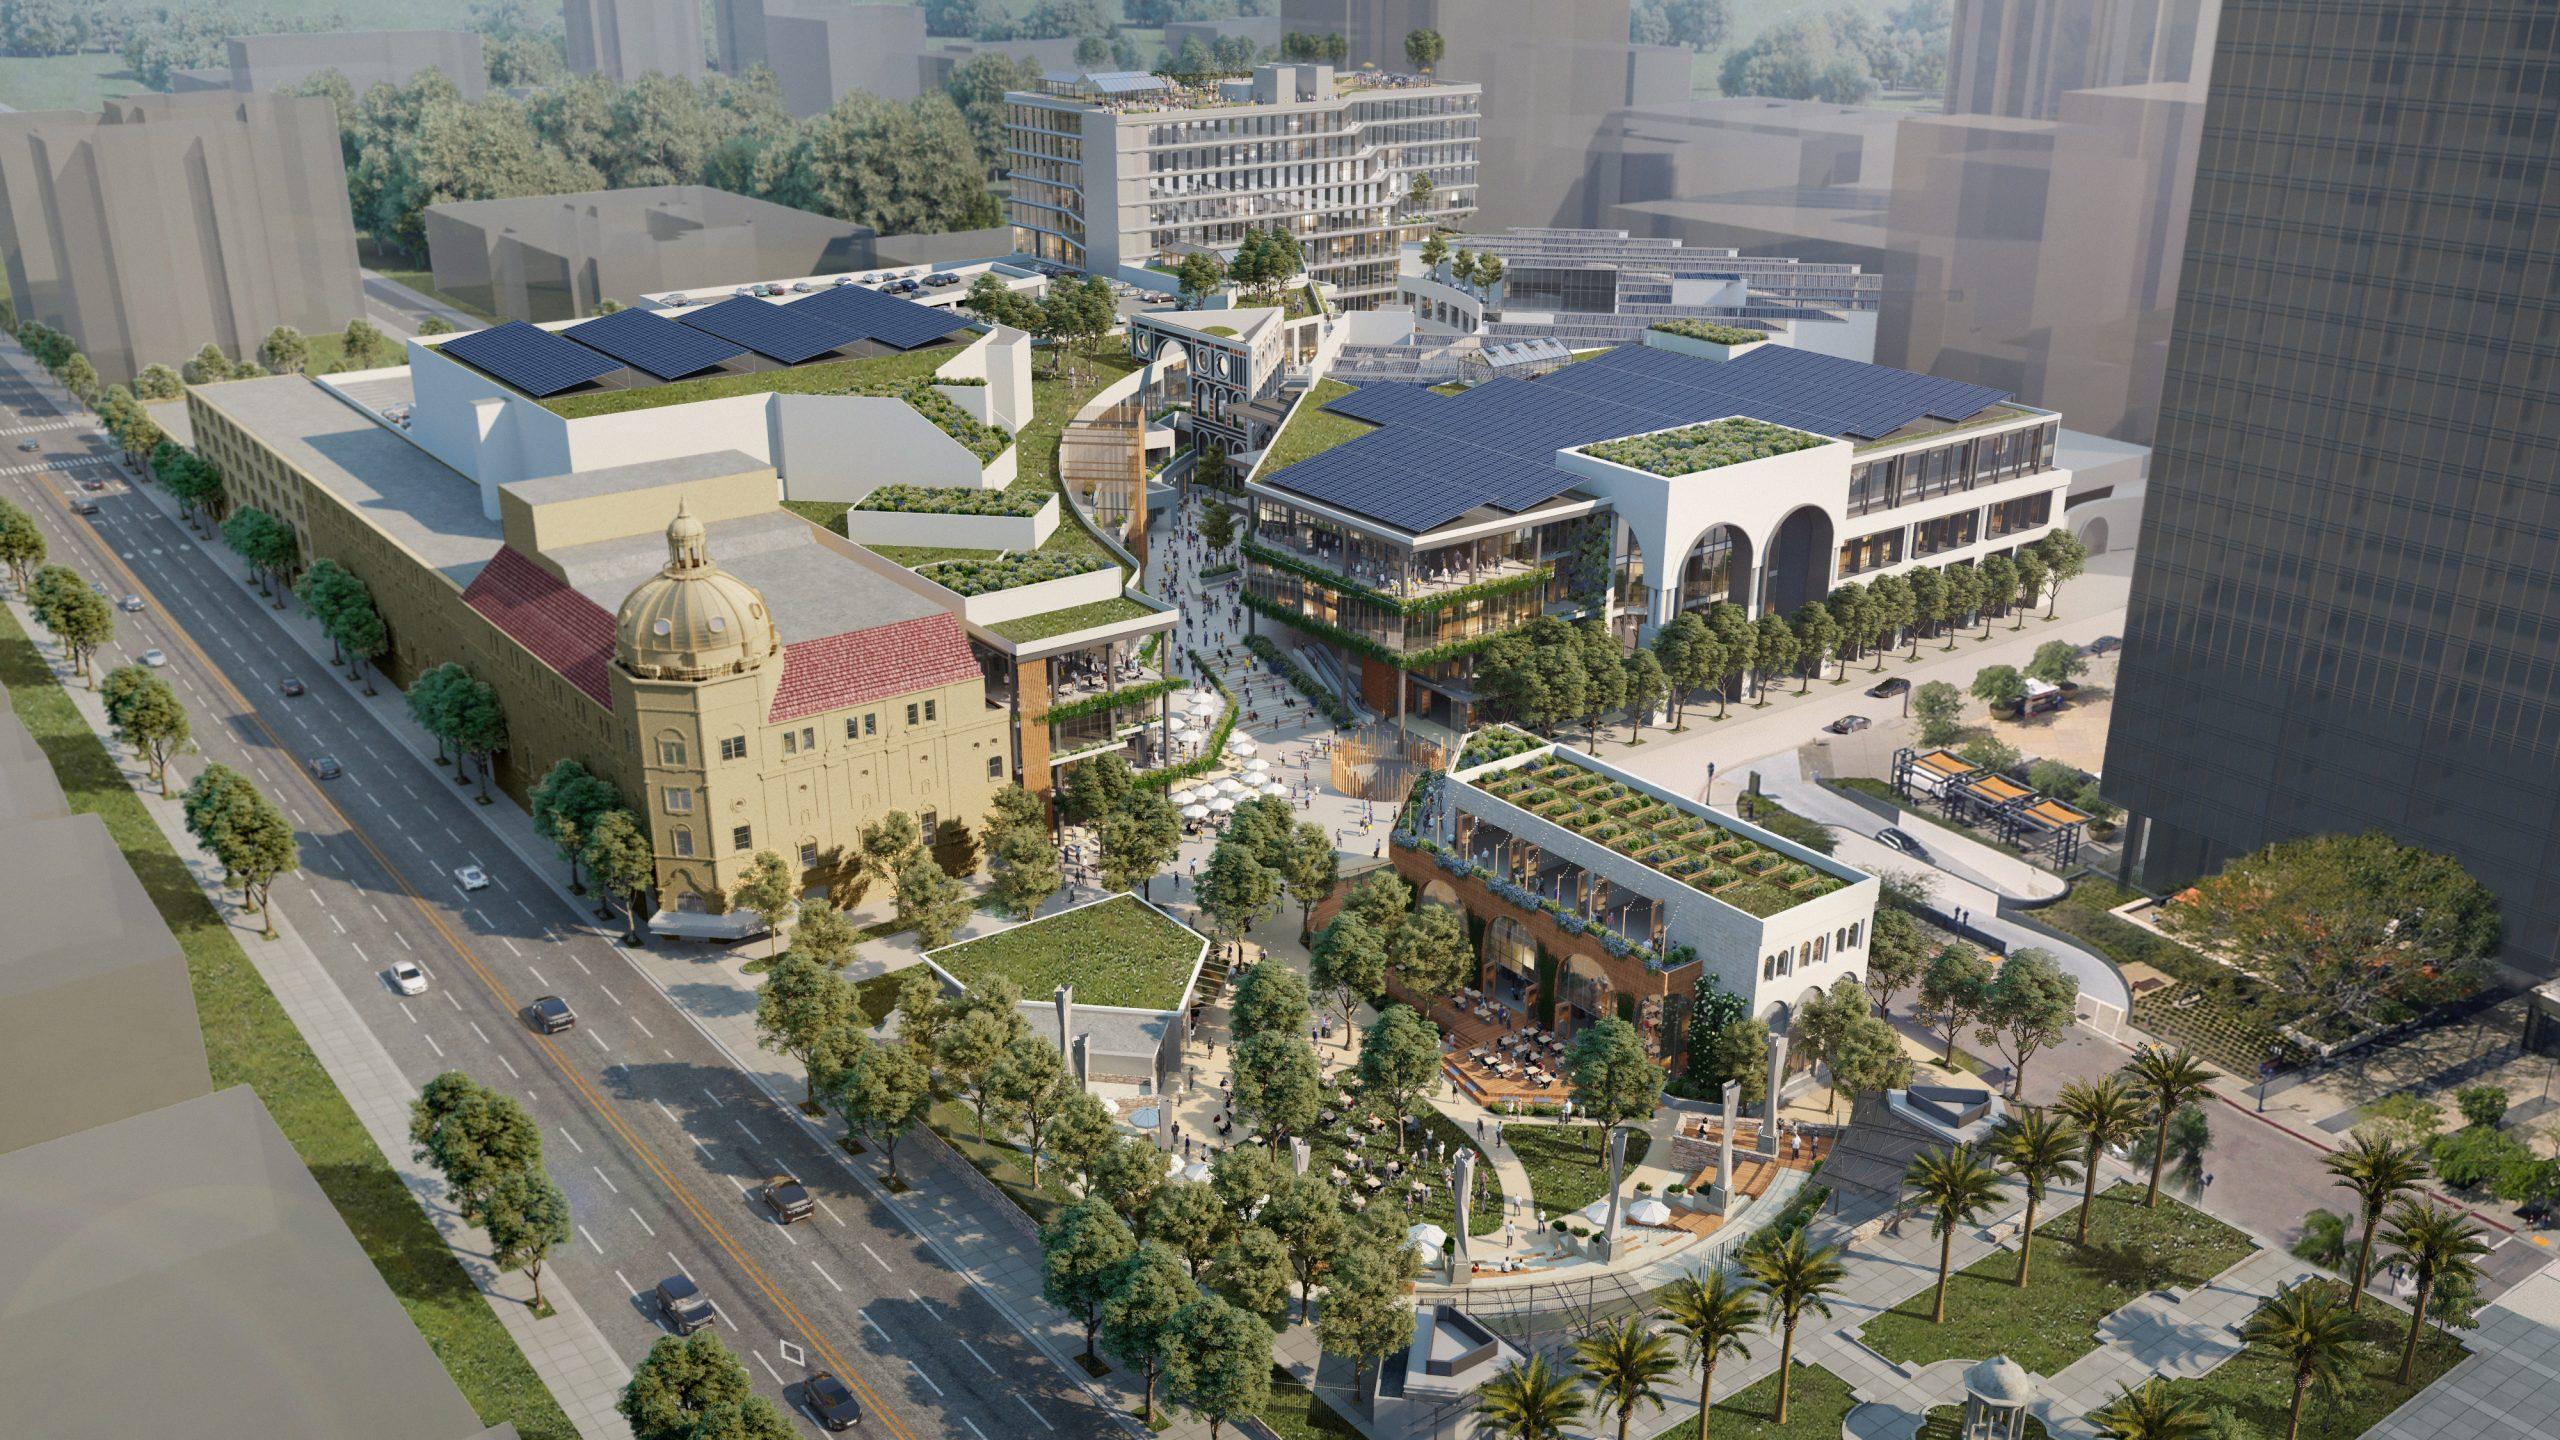 Campus At Horton